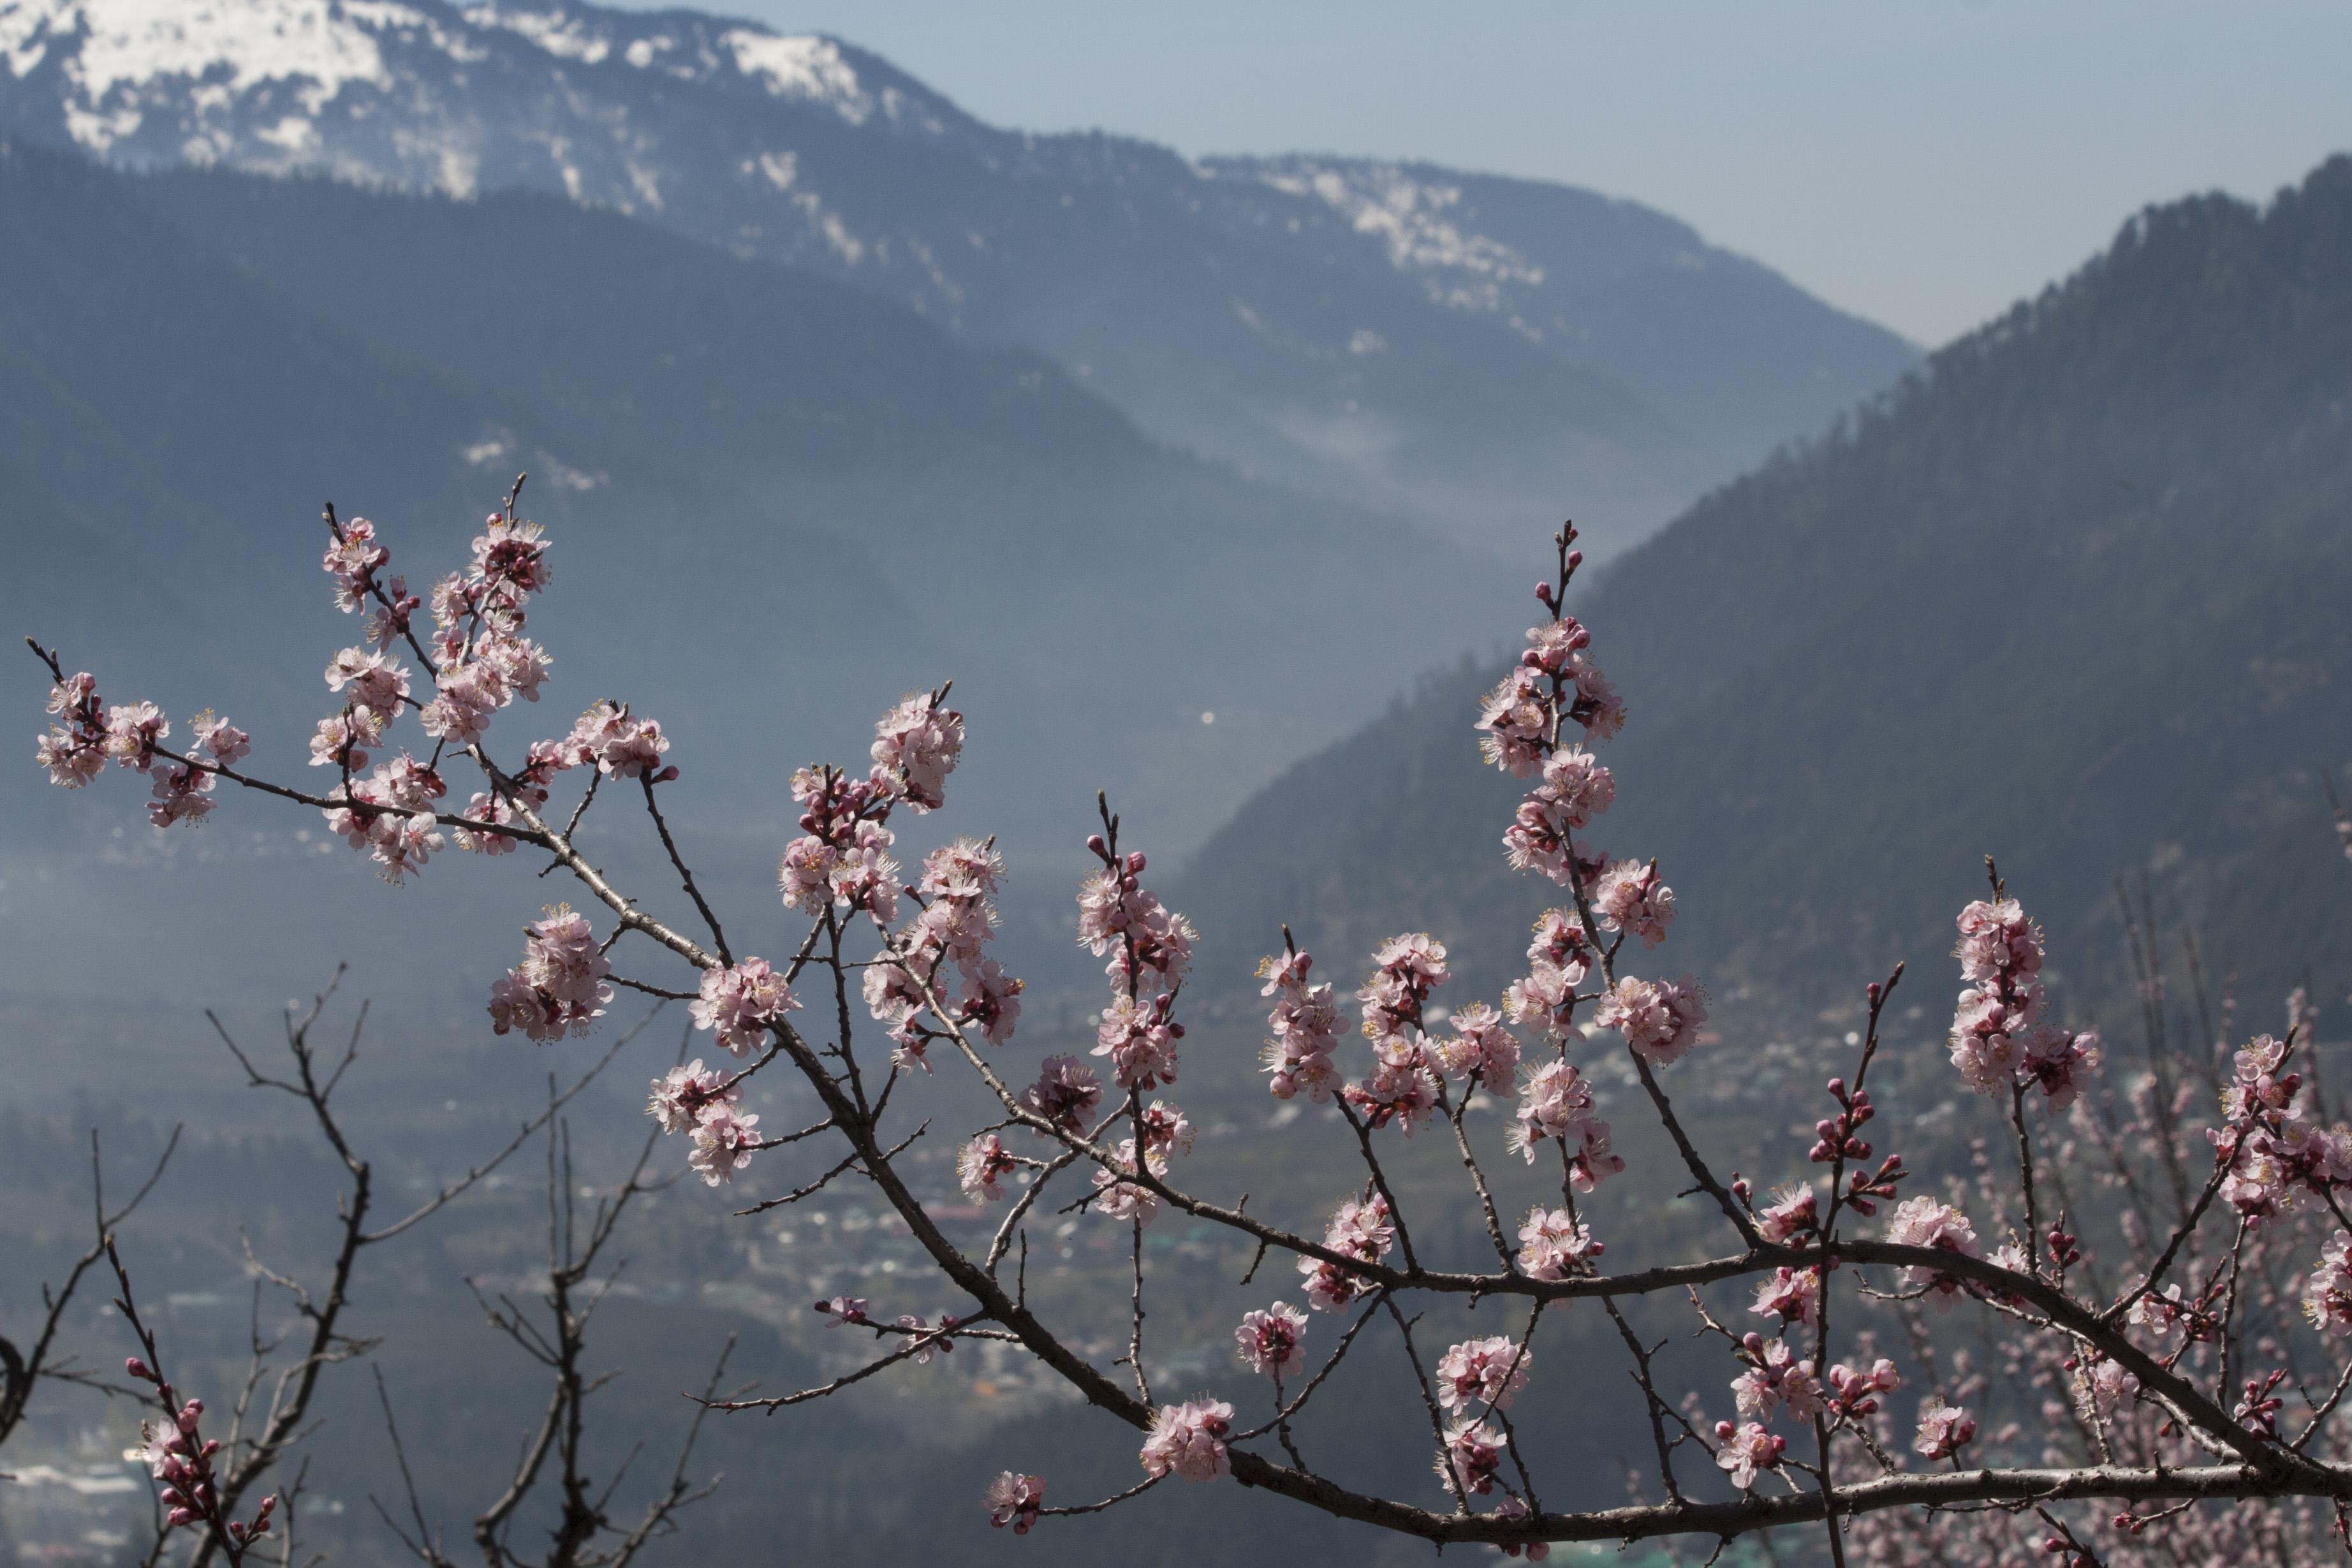 Spring in Manali